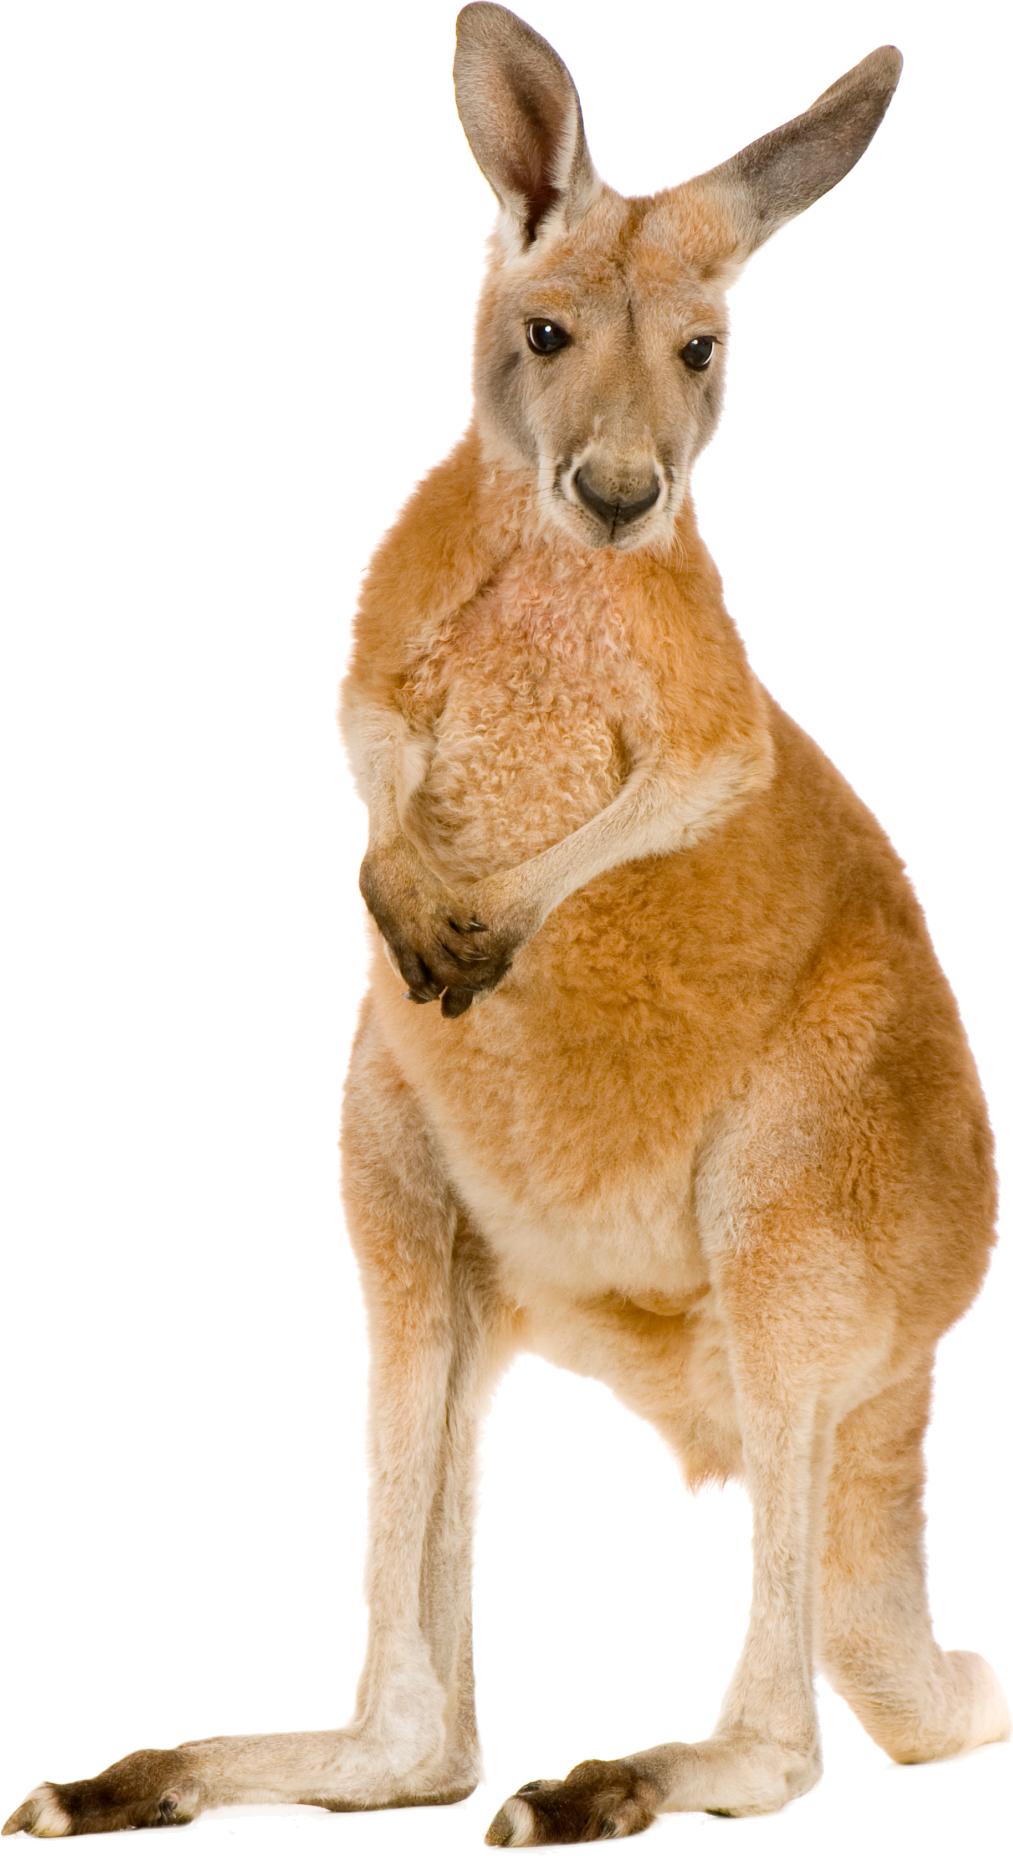 Kangaroo PNG